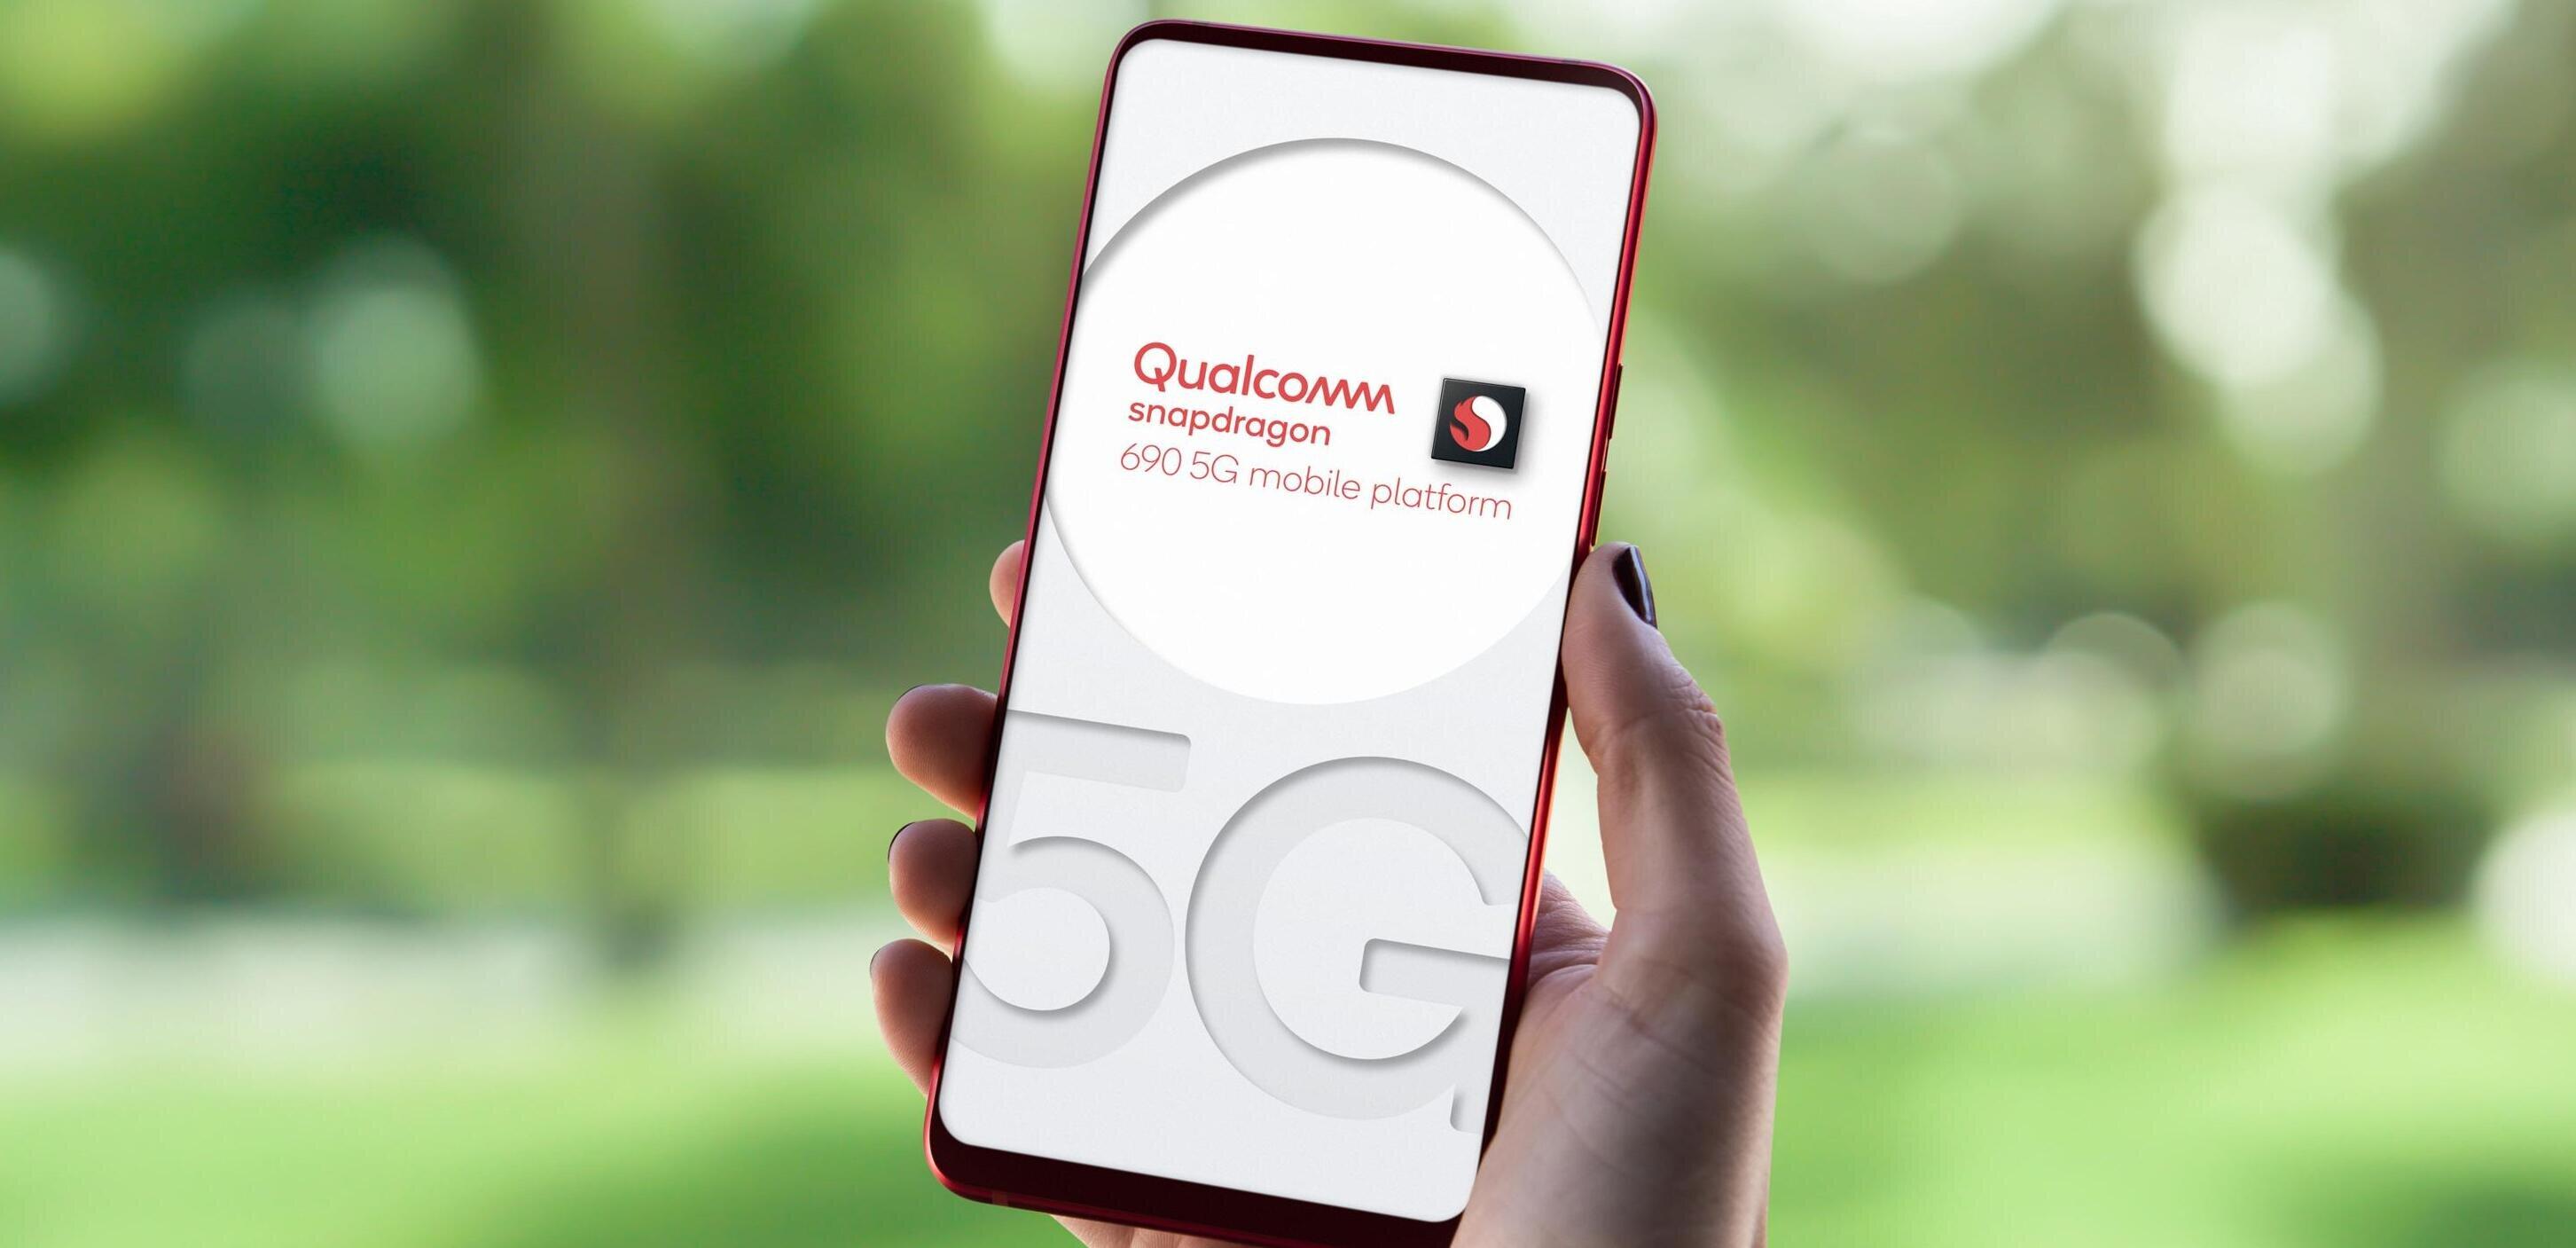 SoC Snapdragon 690 : Qualcomm passe à la 5G sur la série 6, entre autres changements